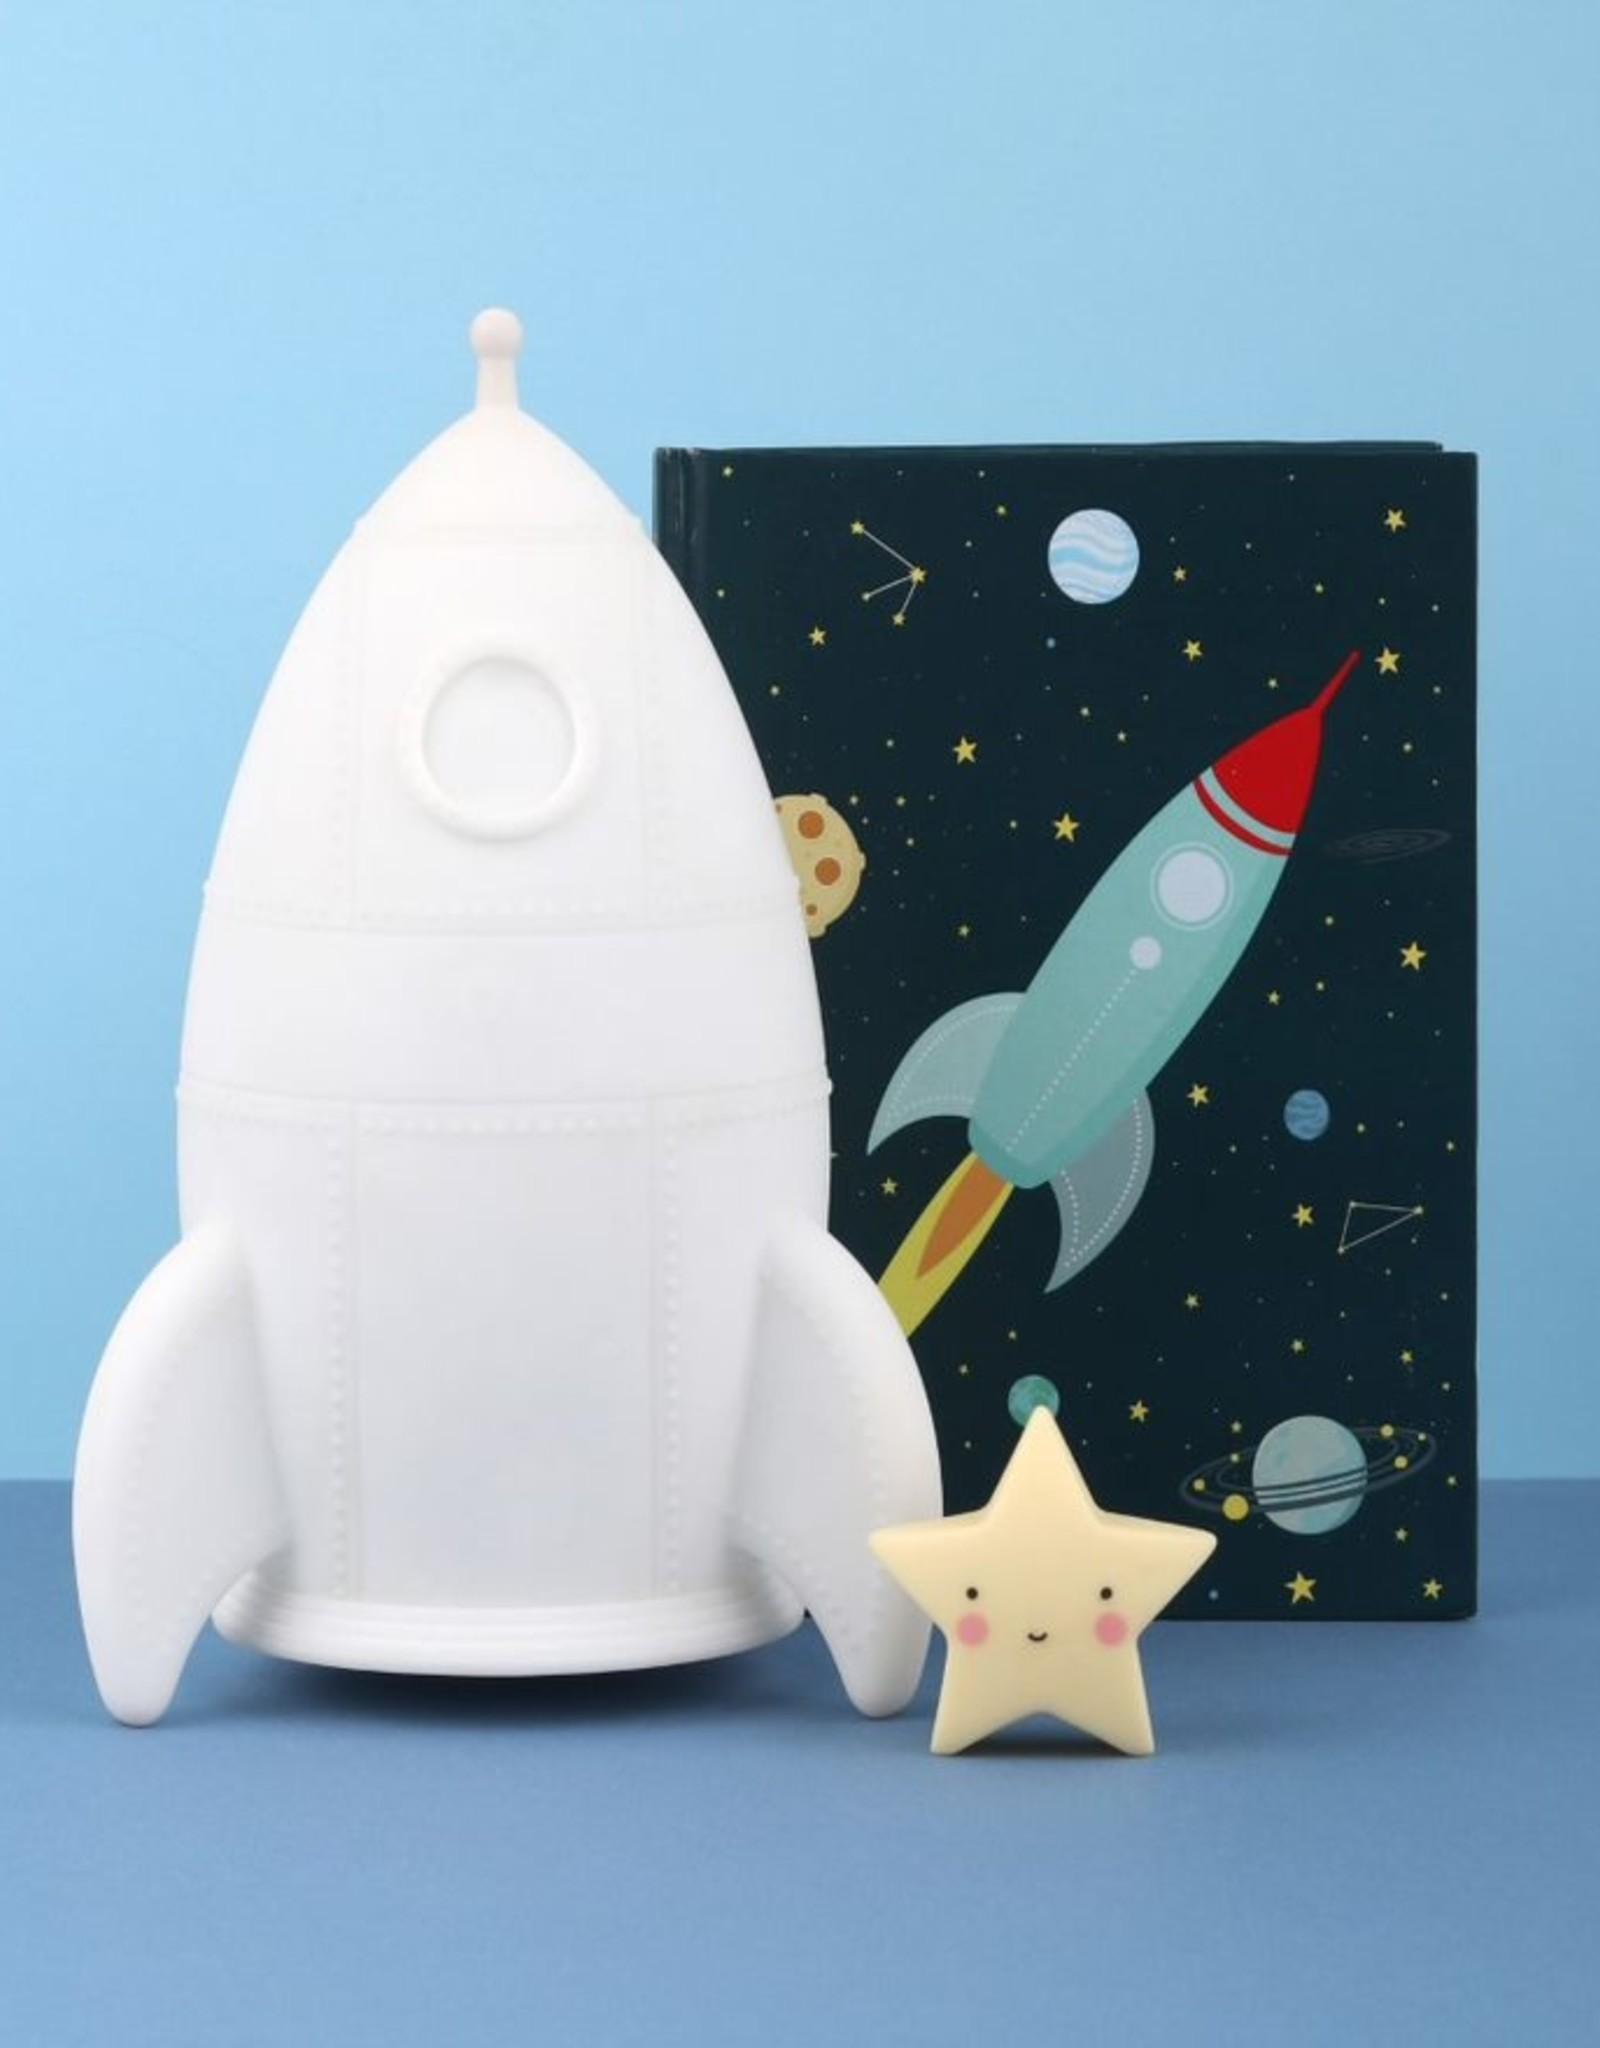 A Little Lovely Company Night light rocket